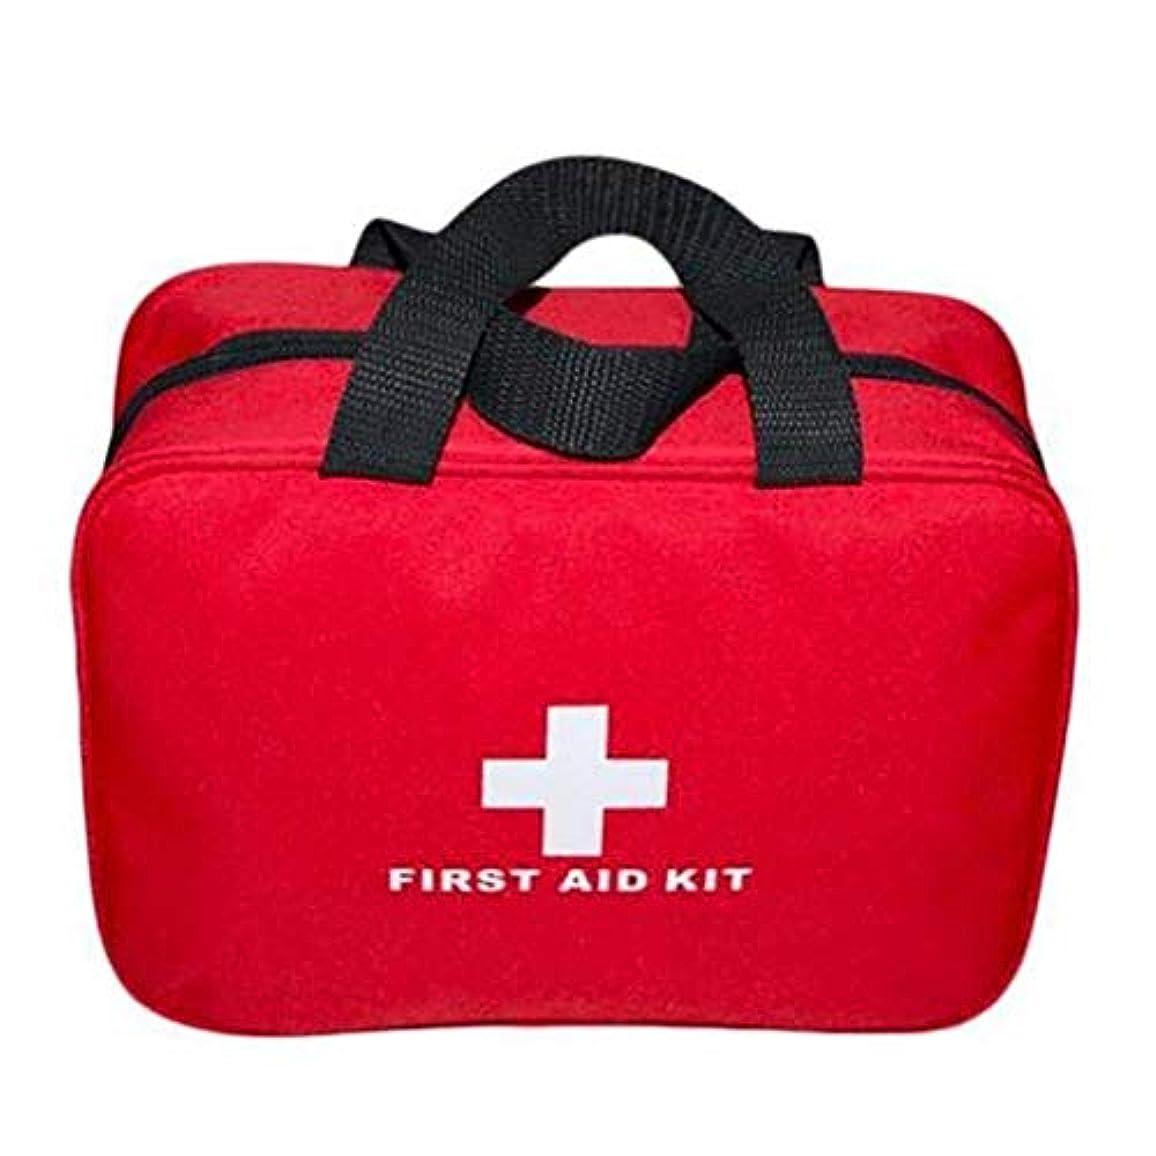 魔術師要求するメールを書くJJJJD コンパートメントが付いている救急箱の空袋、旅行緊急のパッケージの生存の袋、医学の貯蔵袋の箱